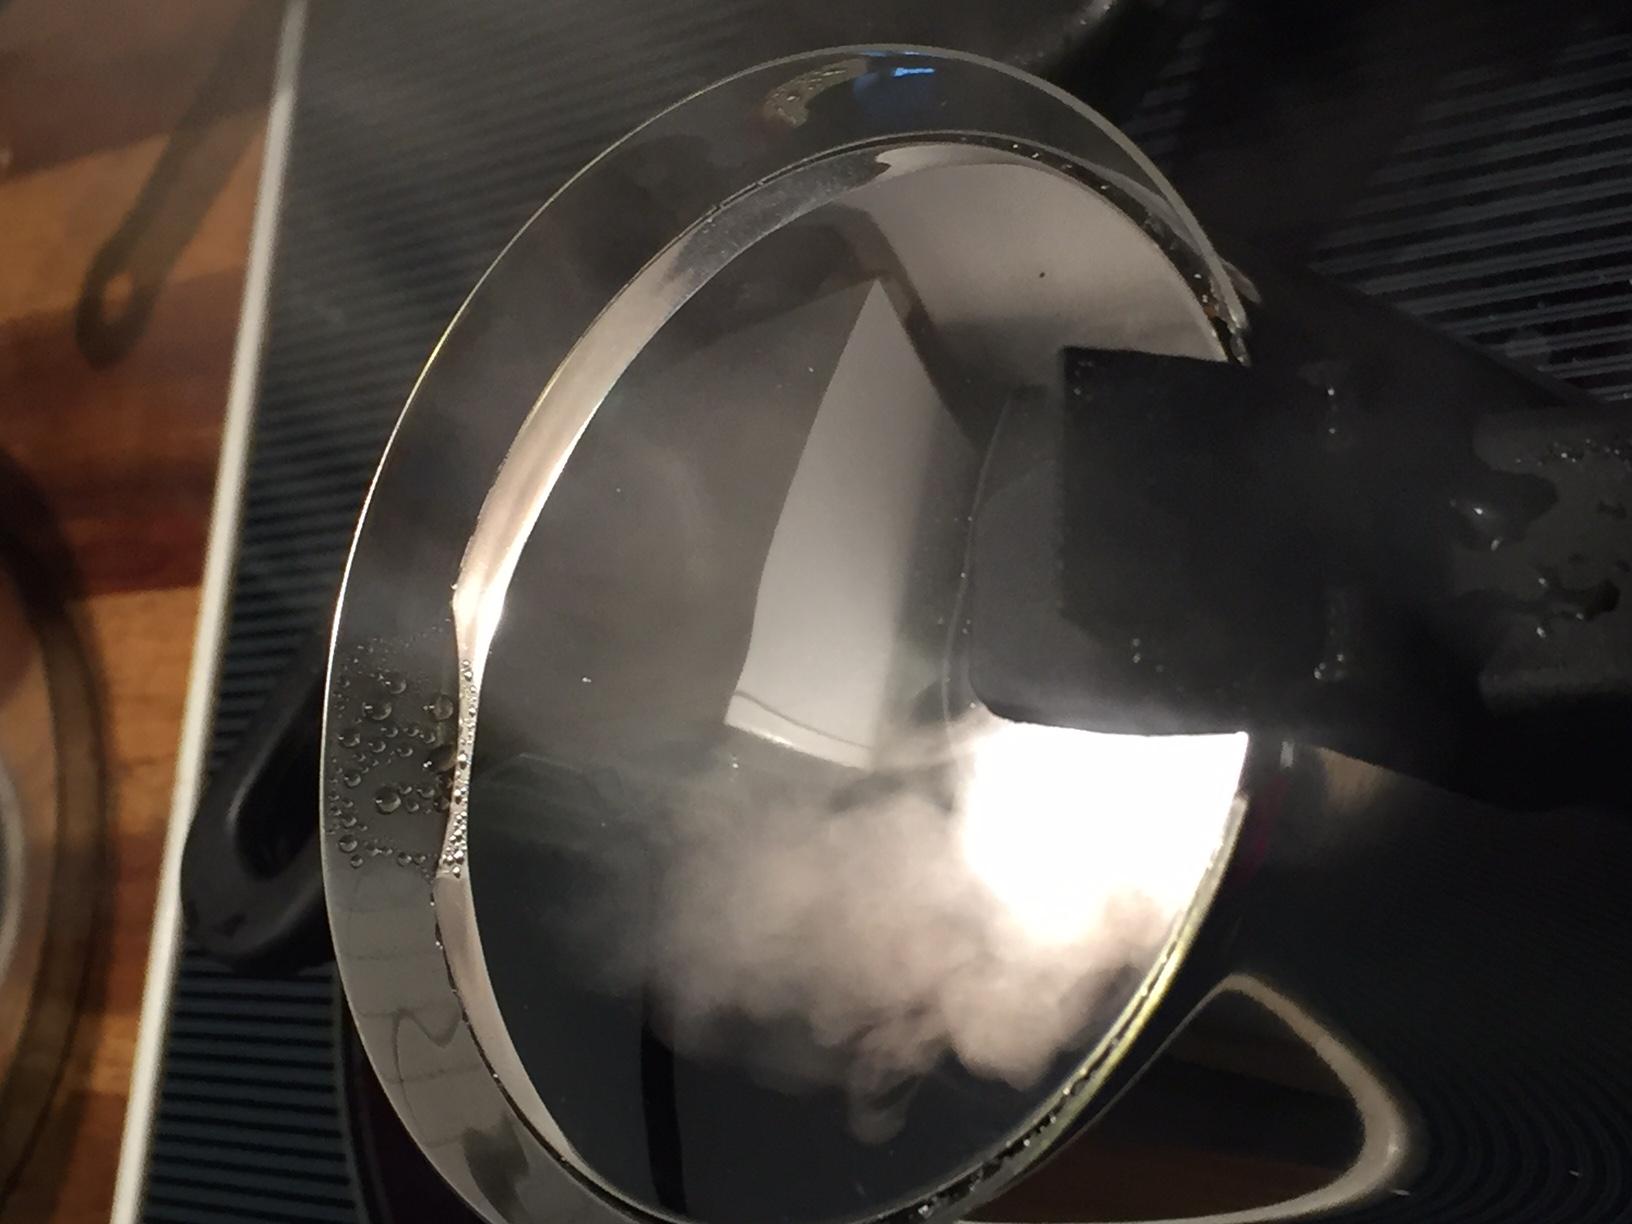 Bialetti Venus Schwachpunkt Dampfaustritt